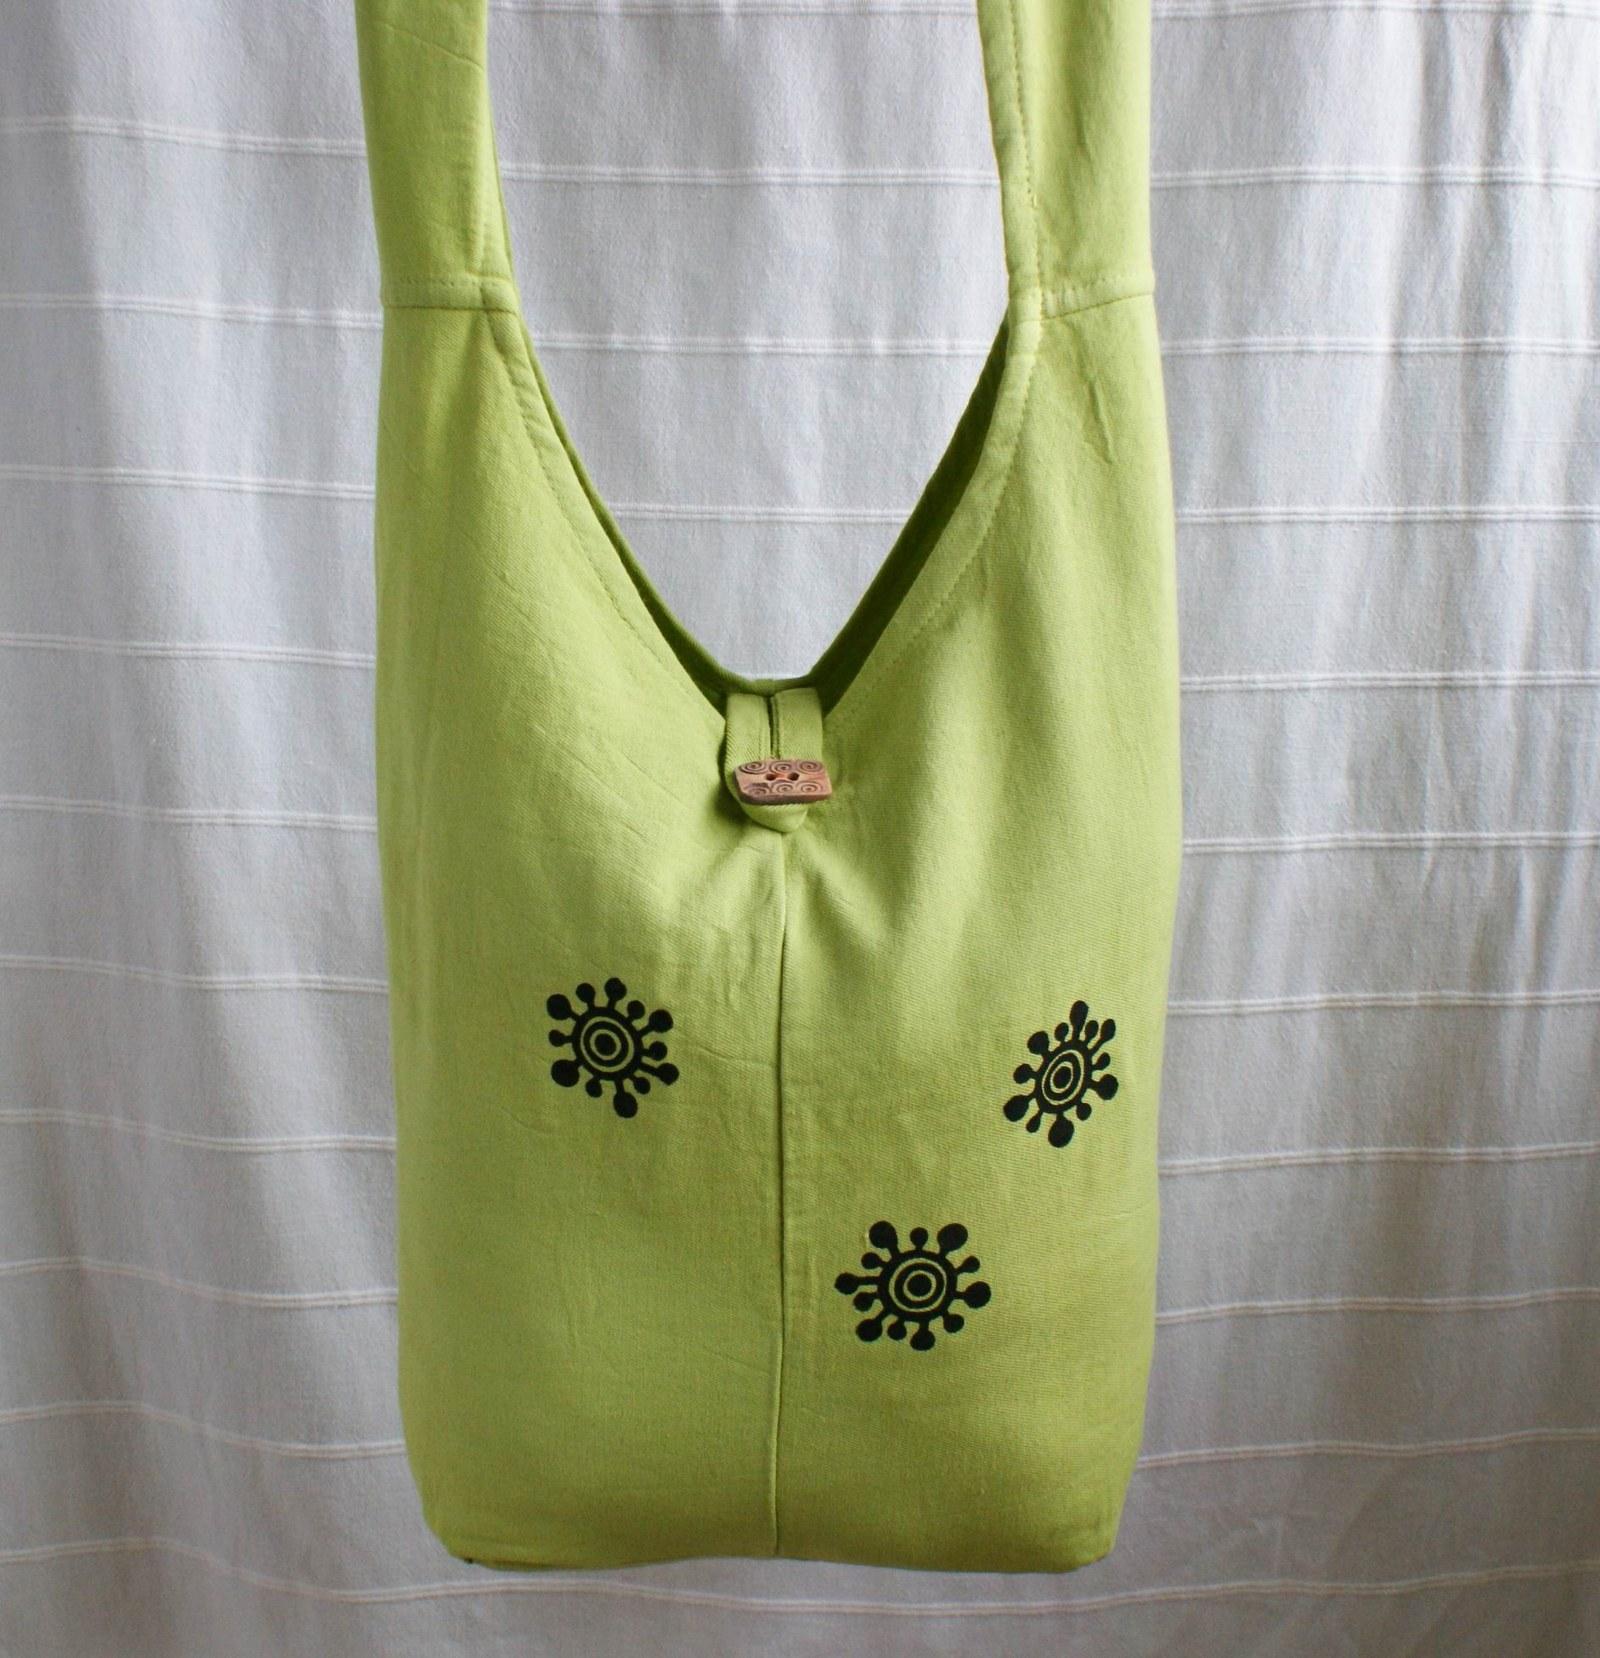 c33910675 Plátěná taška přes rameno / Zboží prodejce Péša | Fler.cz